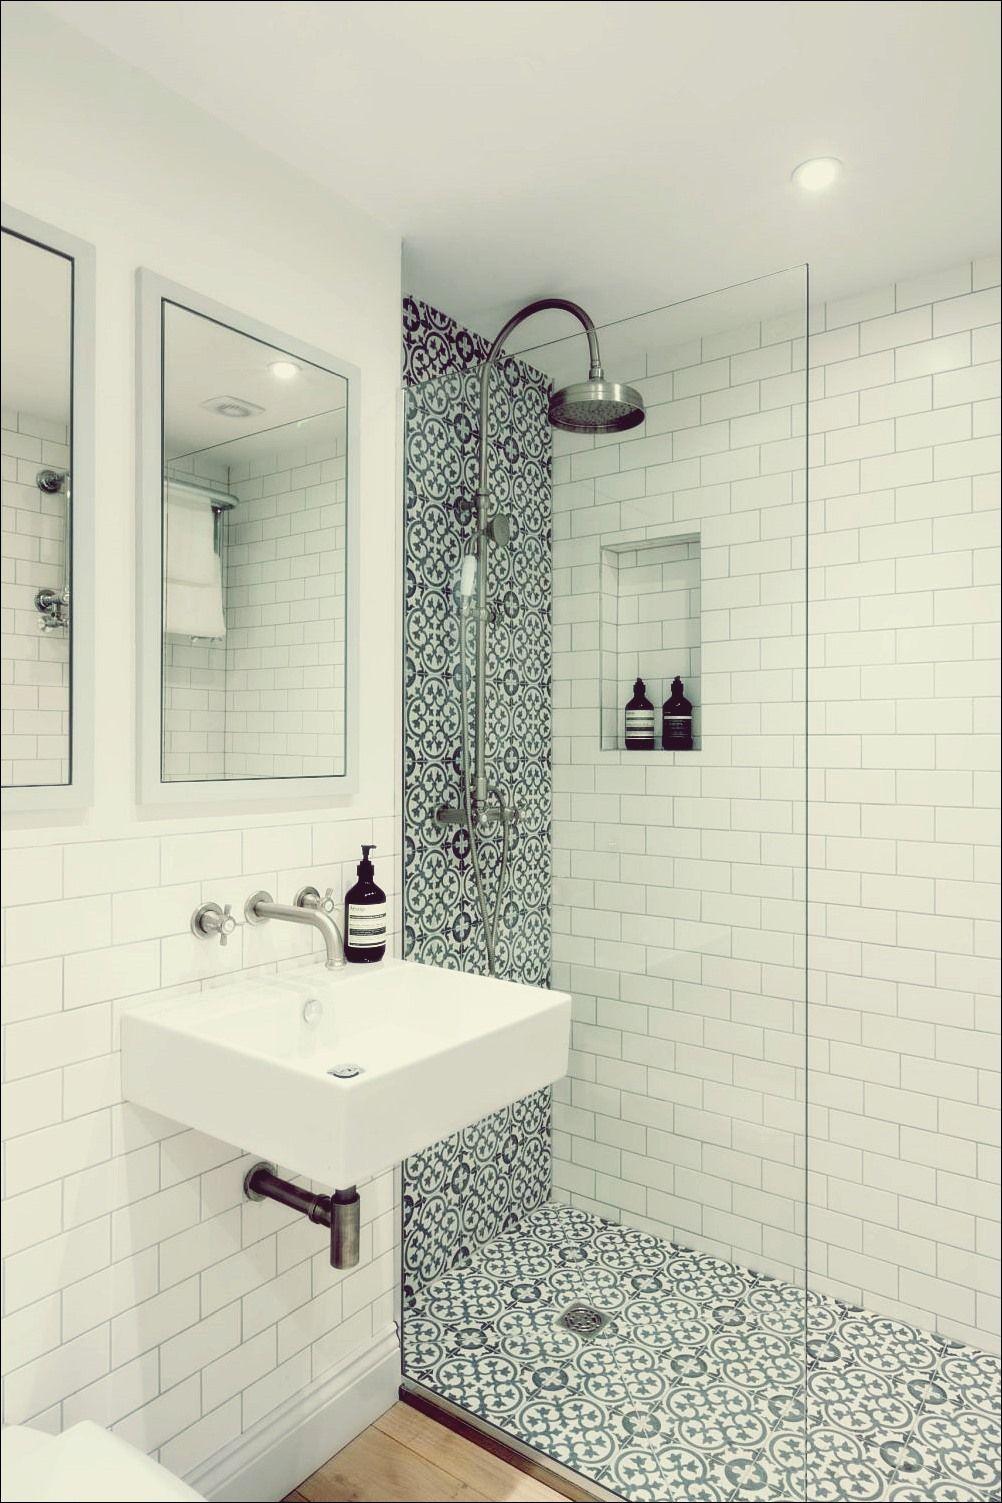 15 Möglichkeiten, Ihr weißes Badezimmer mit Stil aufzufrischen #smallremodel